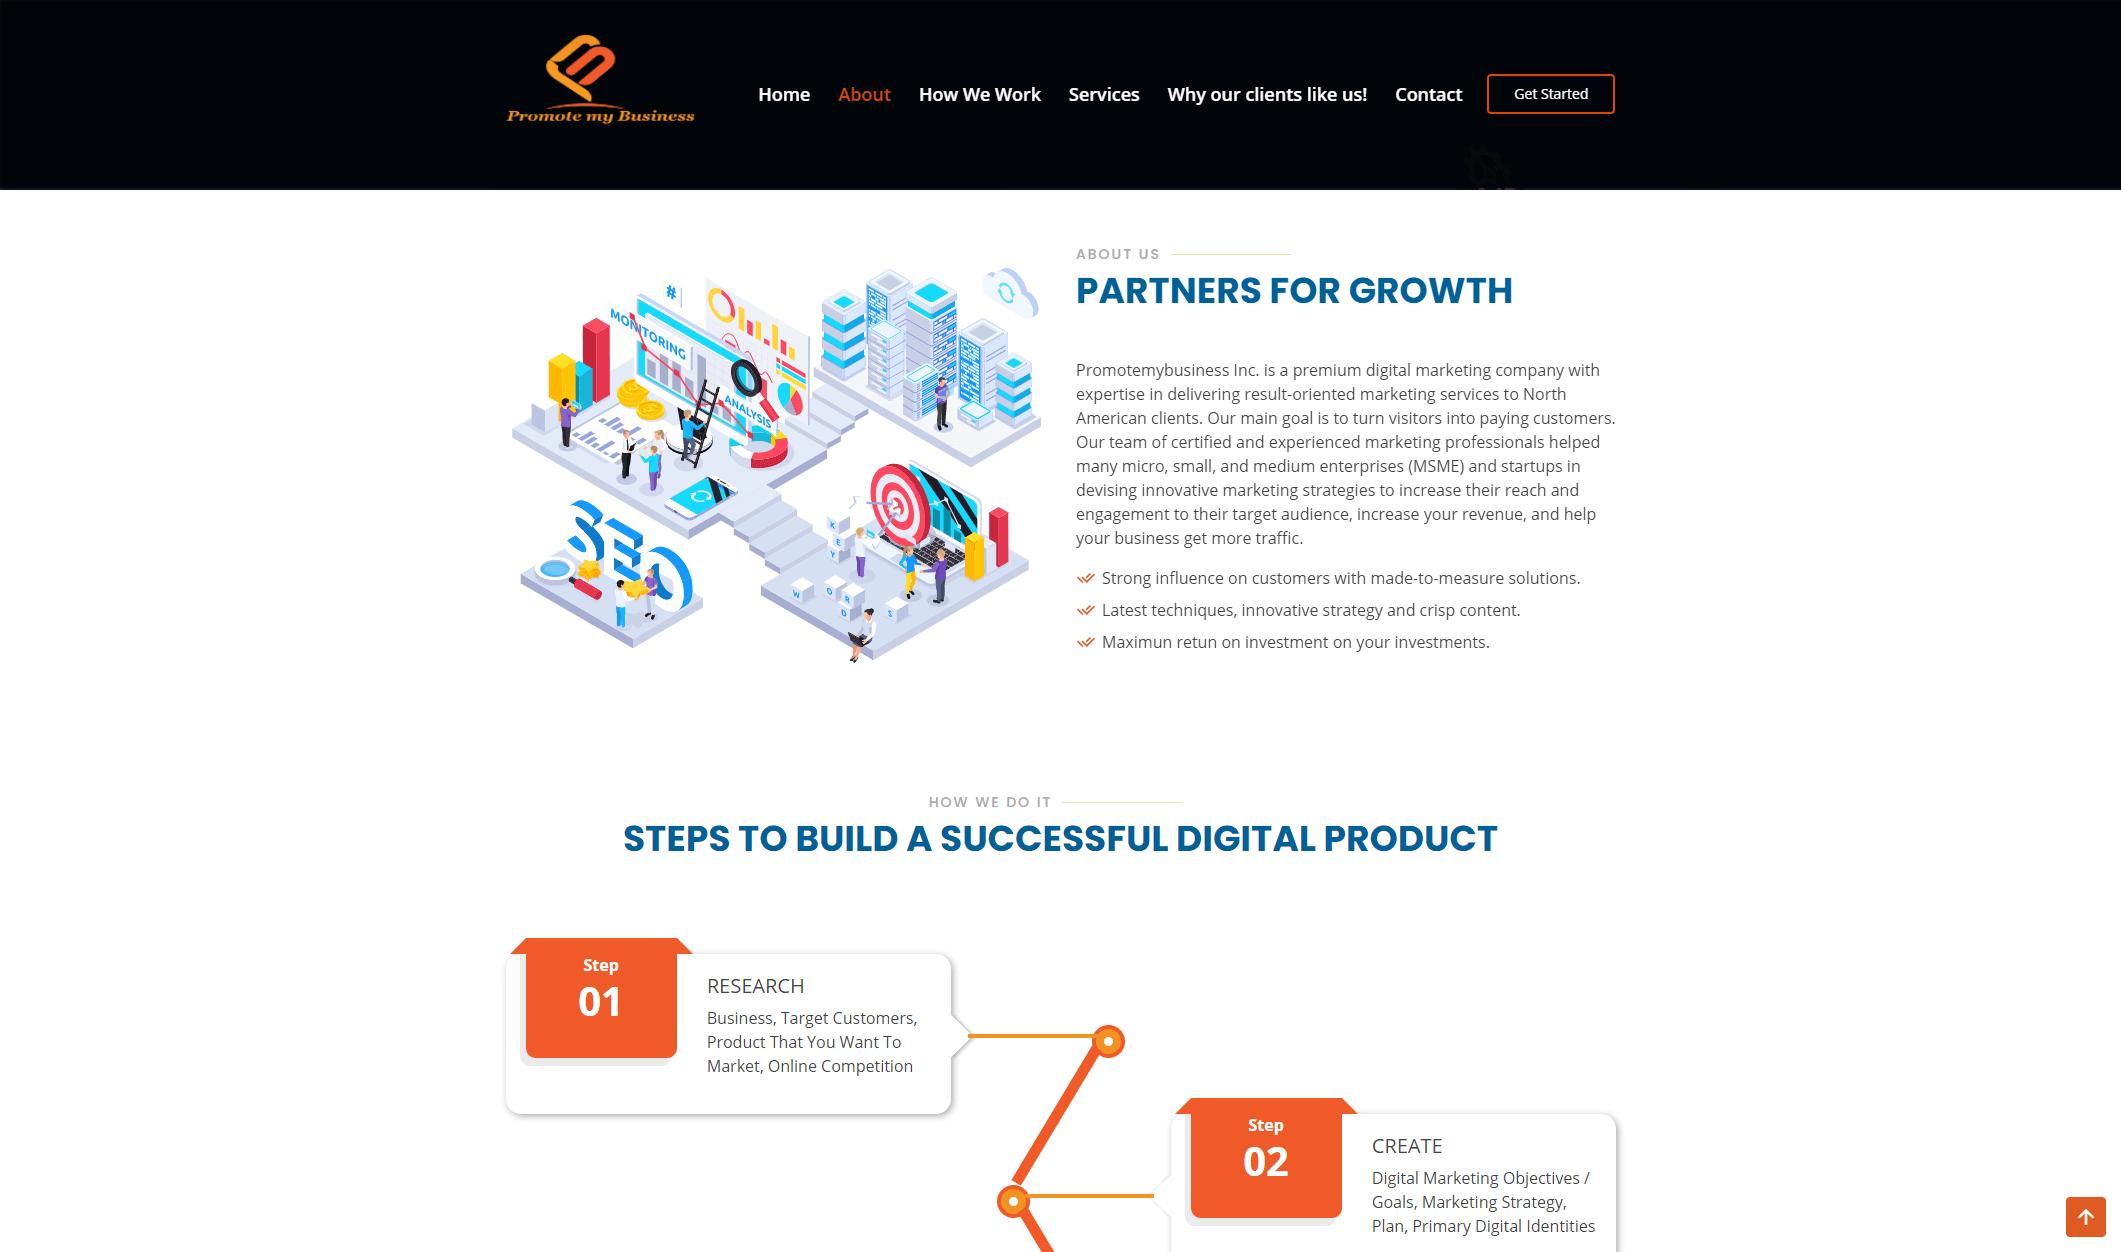 www.promotemybusiness.ca-2